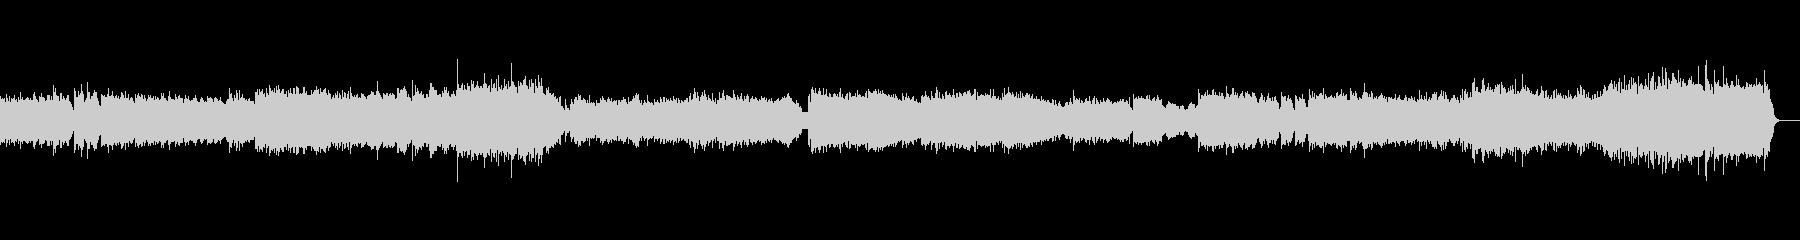 小組曲より第二楽章行列の未再生の波形